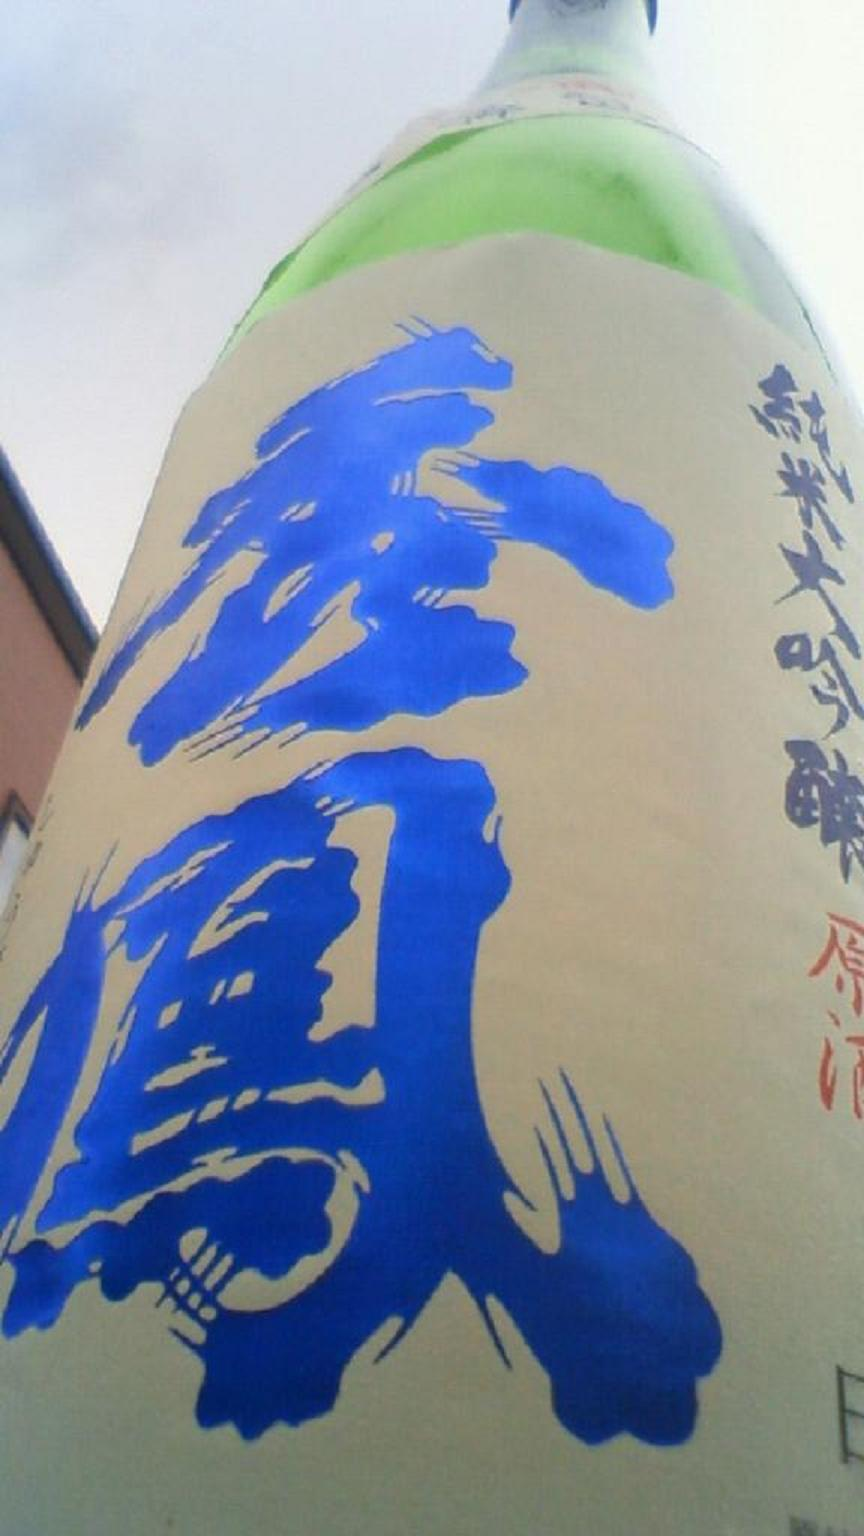 【日本酒】秀鳳 しぼりたて 純米大吟醸 無濾過生原酒 磨き三割三分 出羽燦々33 限定 新酒26BY_e0173738_9304049.jpg